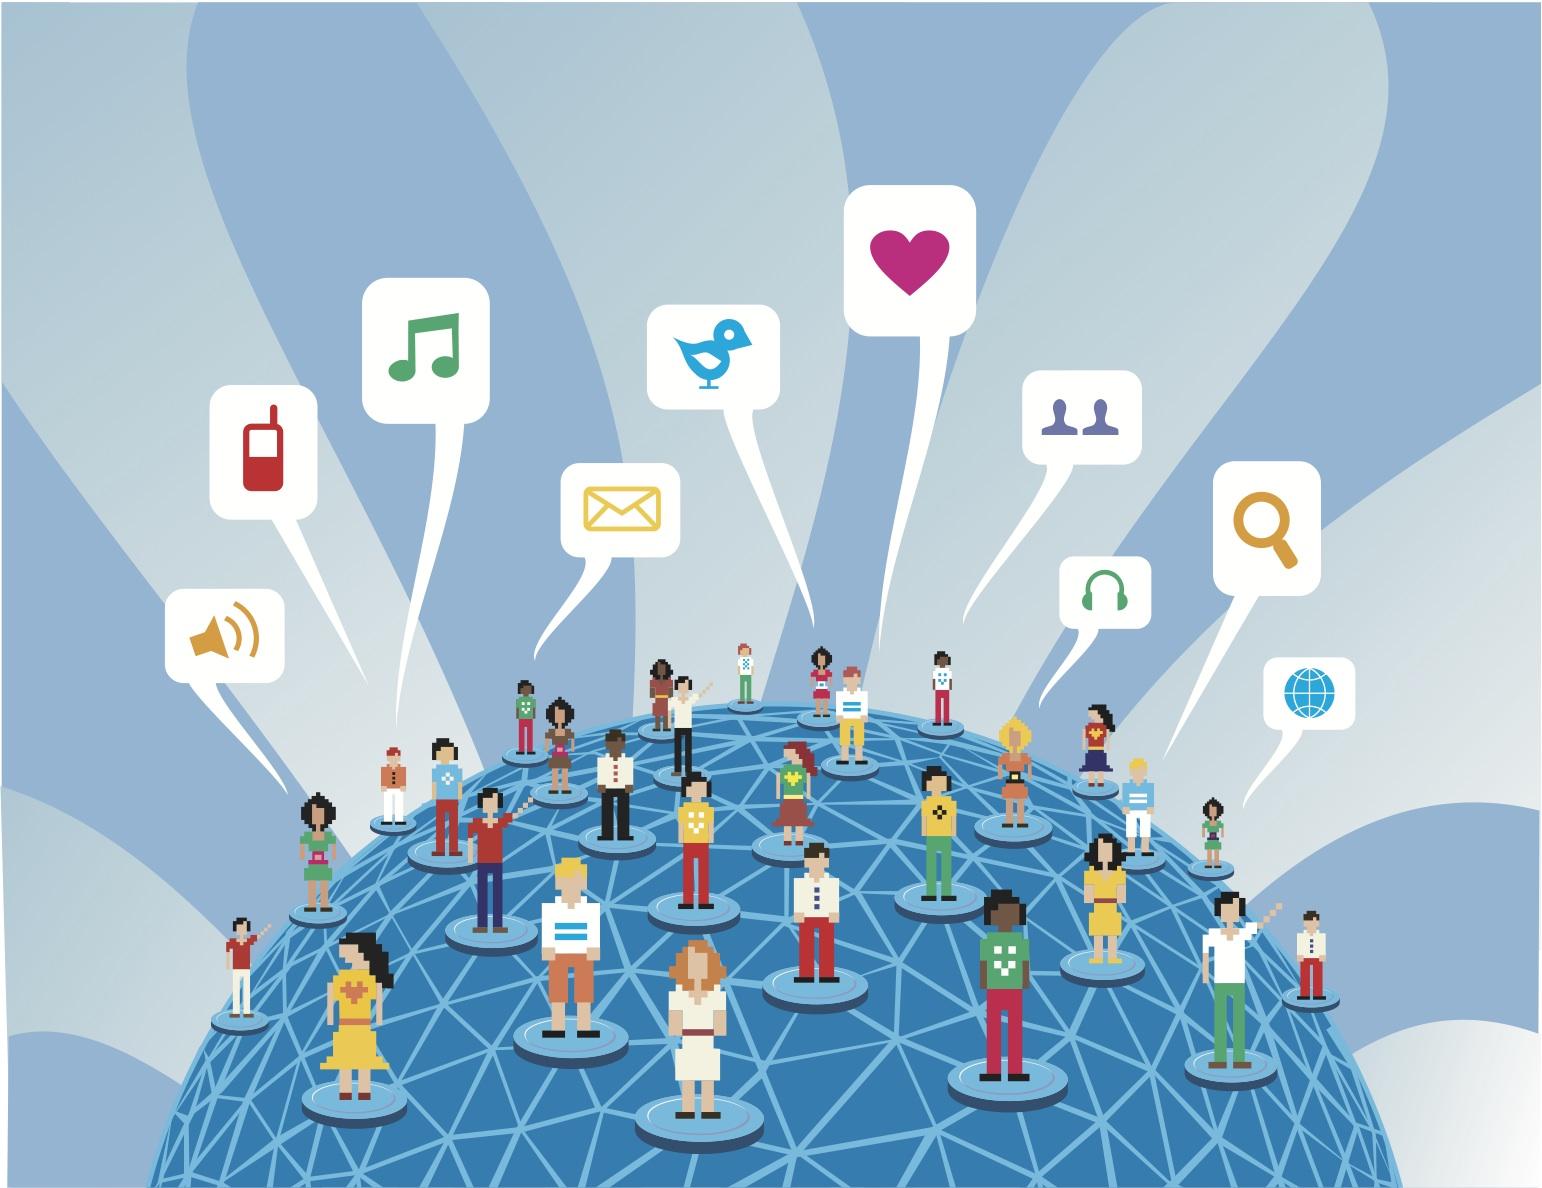 ماذا يحدث لحسابتك علي شبكات التواصل الاجتماعي عند الوفاه